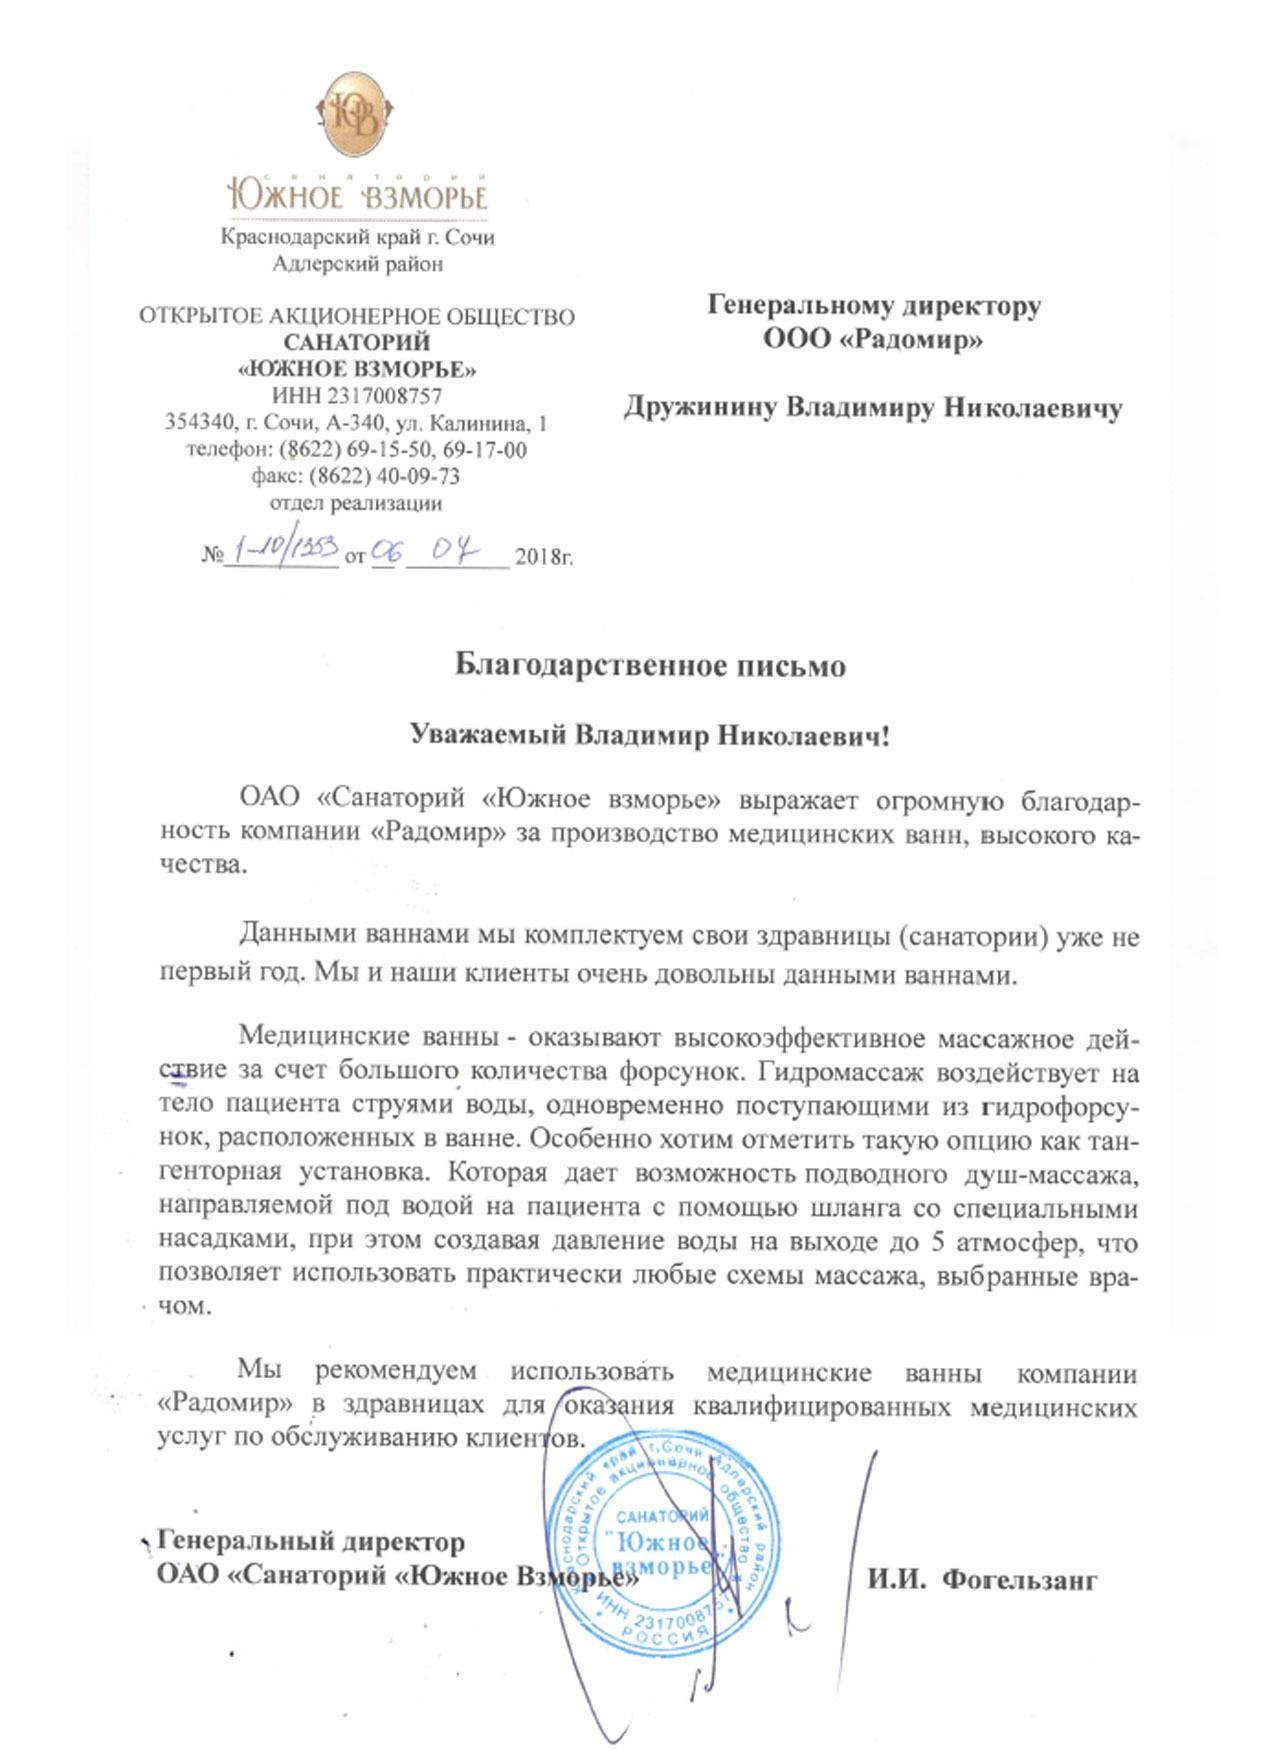 Благодарственное письмо ОАО Санаторий Южное взморье